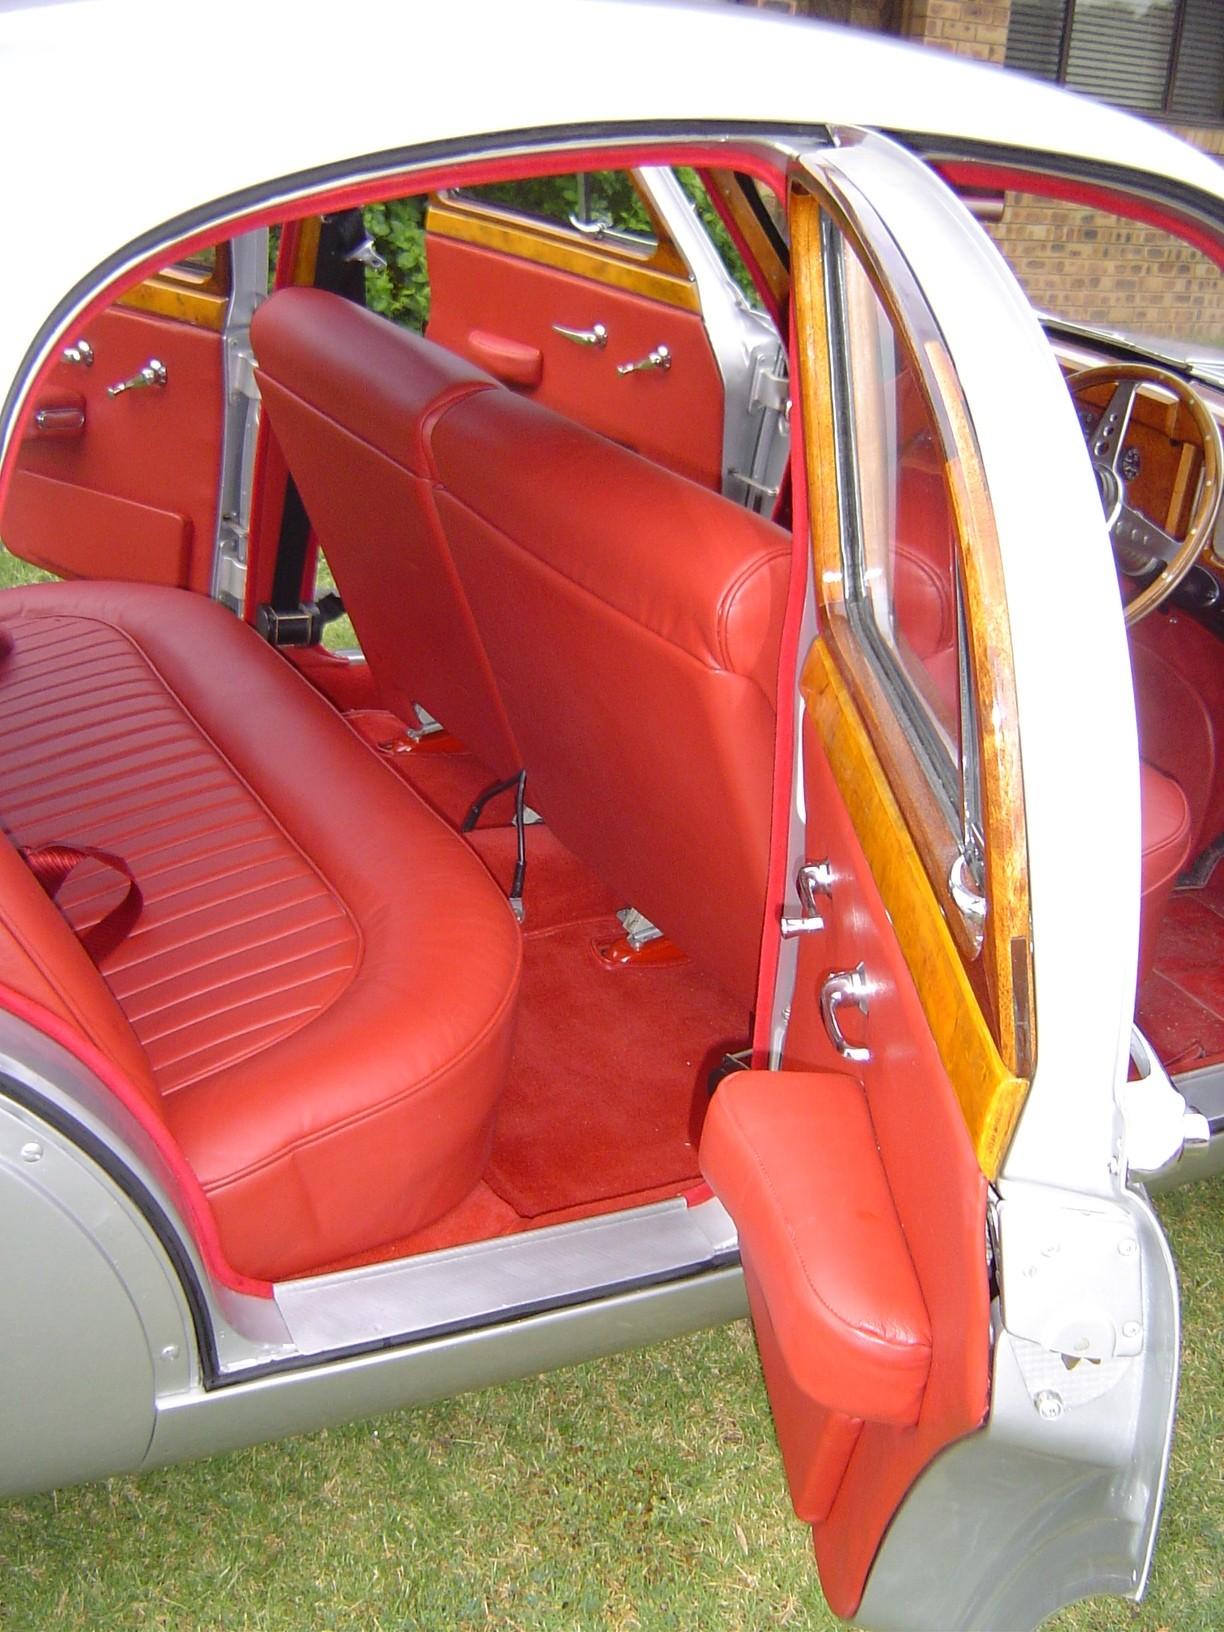 1958 Jaguar MK1 - gunterberthold - Shannons Club